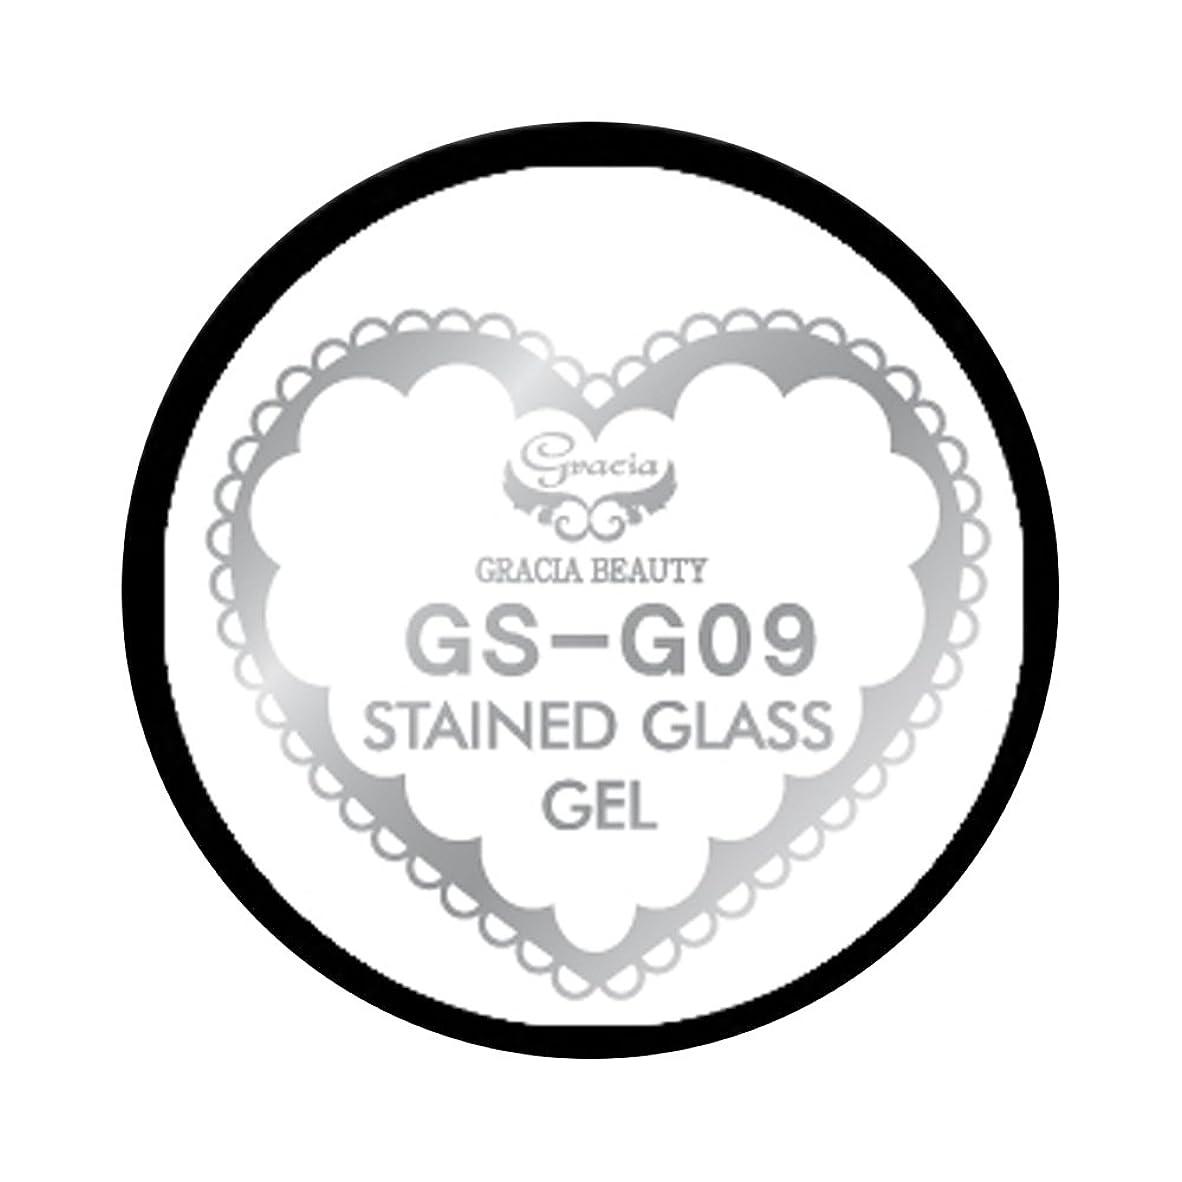 ロータリーあいまいなトランペットグラシア ジェルネイル ステンドグラスジェル GSM-G09 3g  グリッター UV/LED対応 カラージェル ソークオフジェル ガラスのような透明感